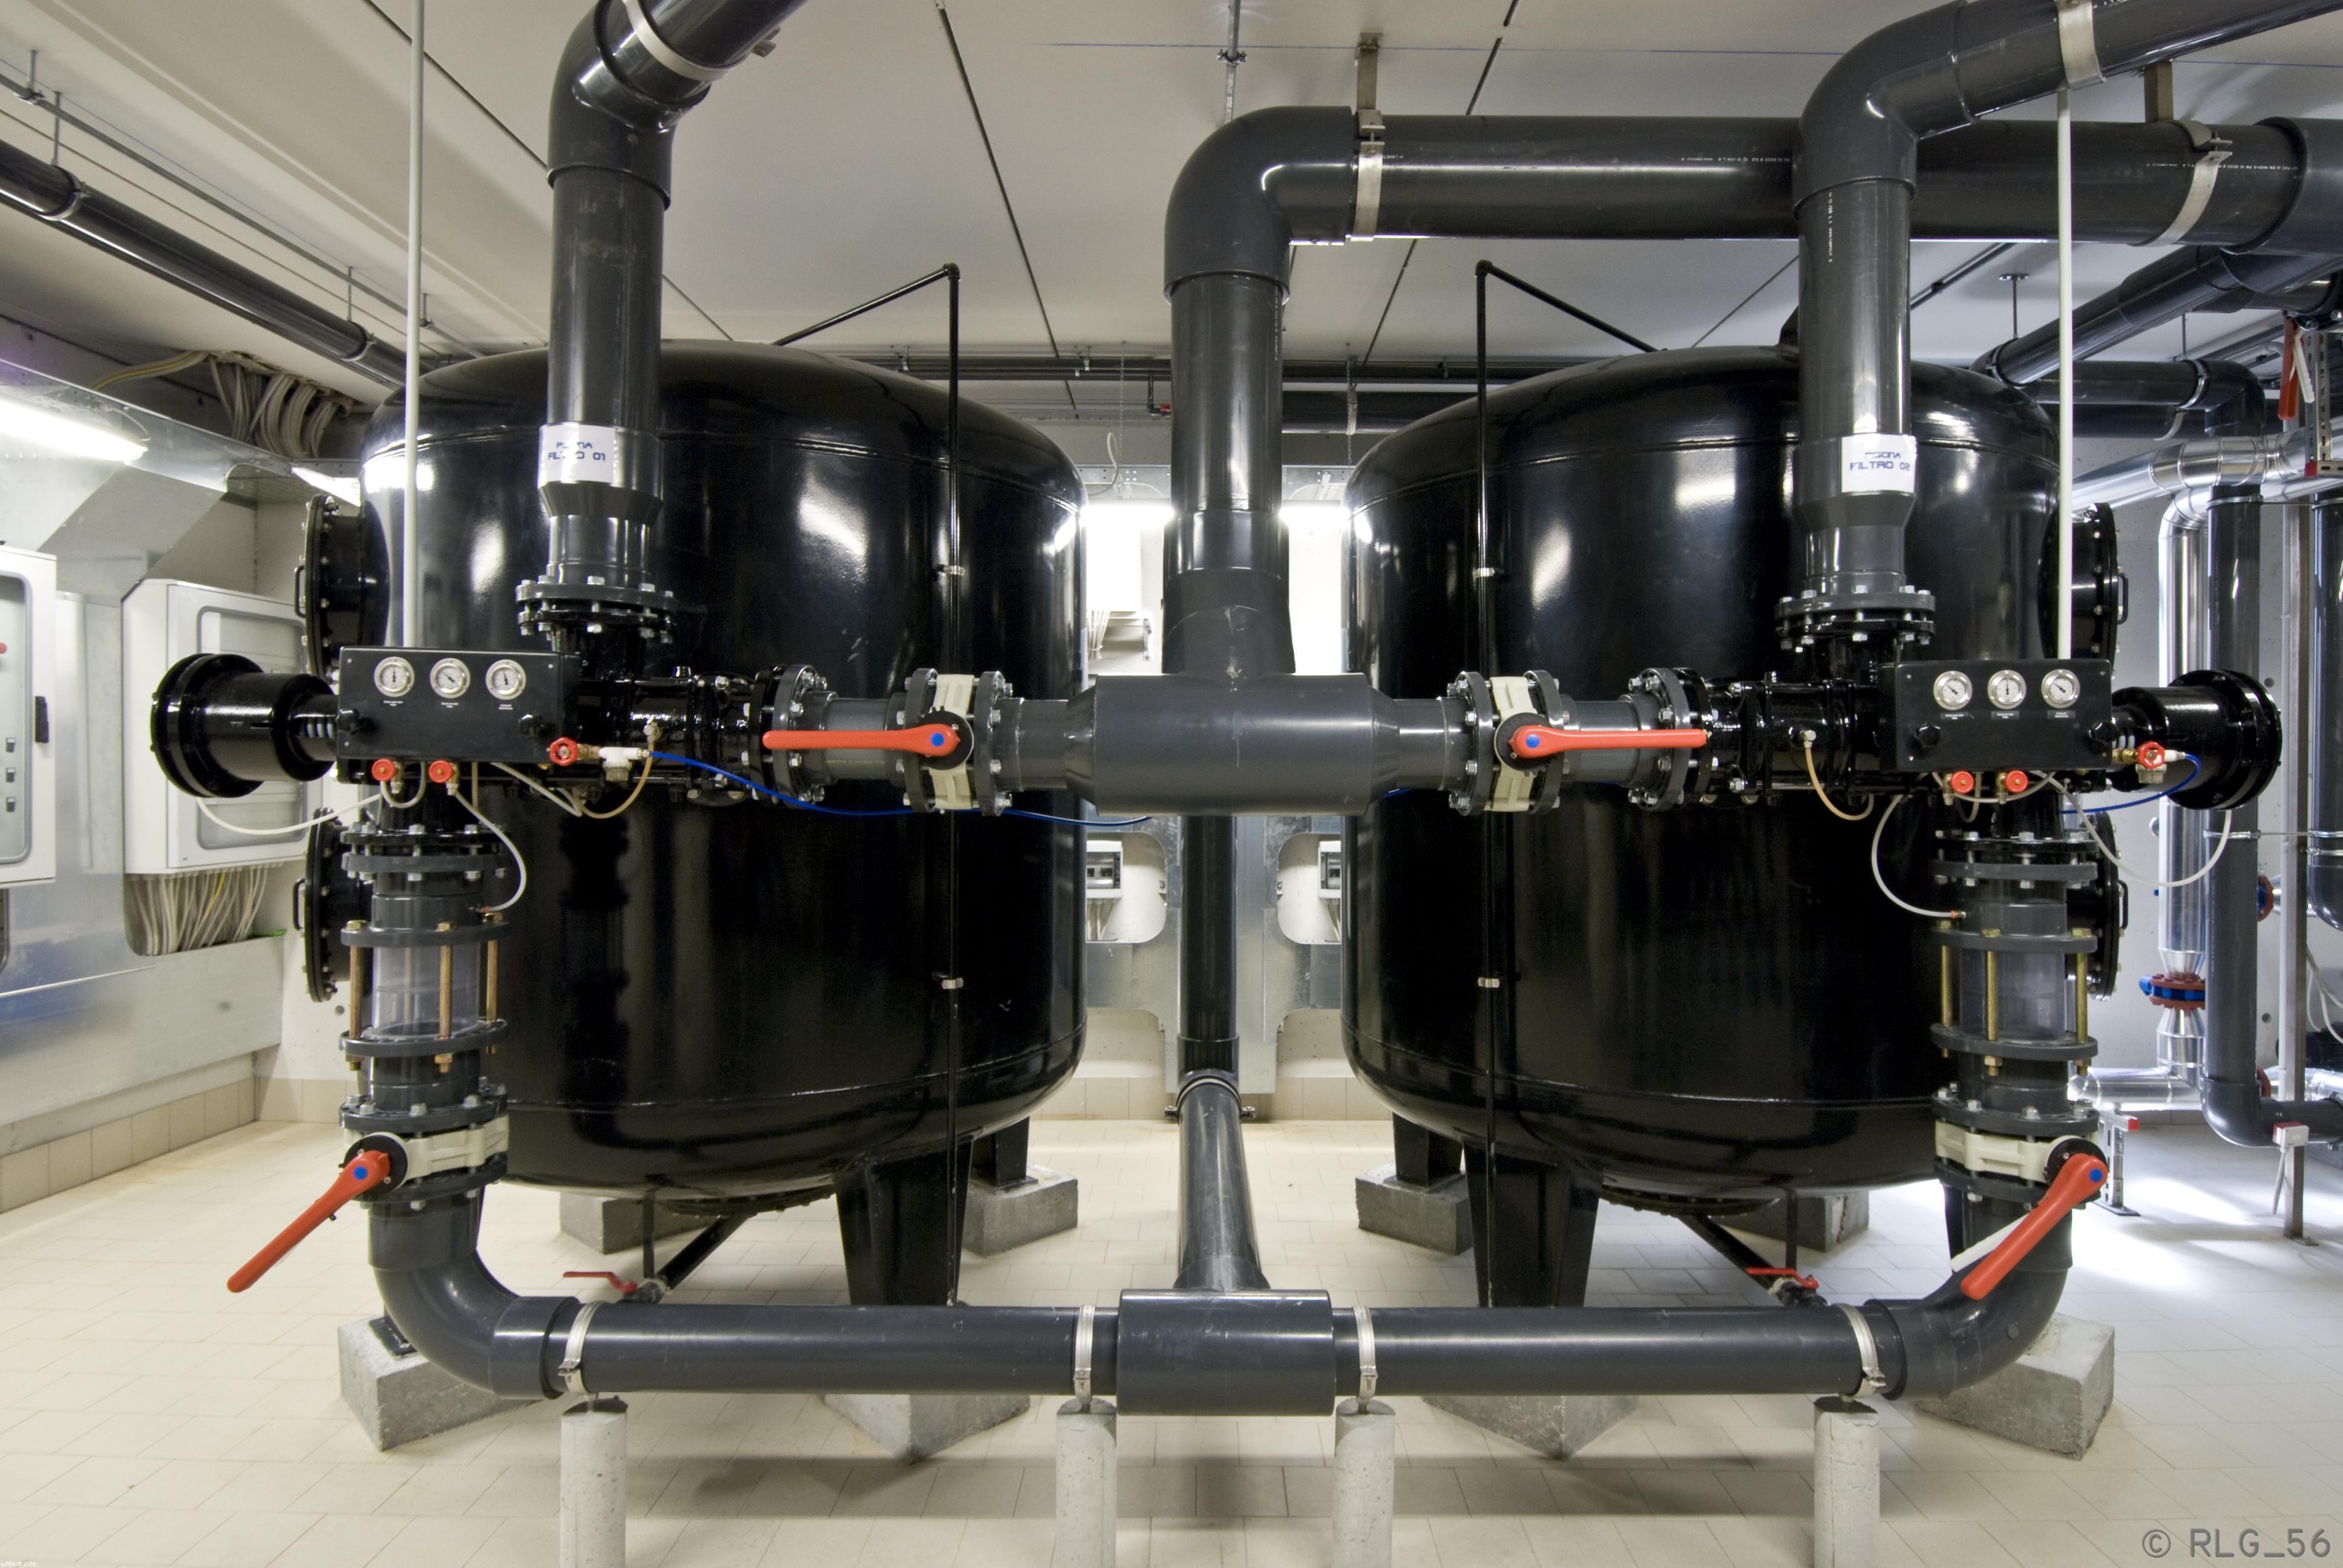 Benessere in sicurezza con acque termali trattate gt for Filtri piscina